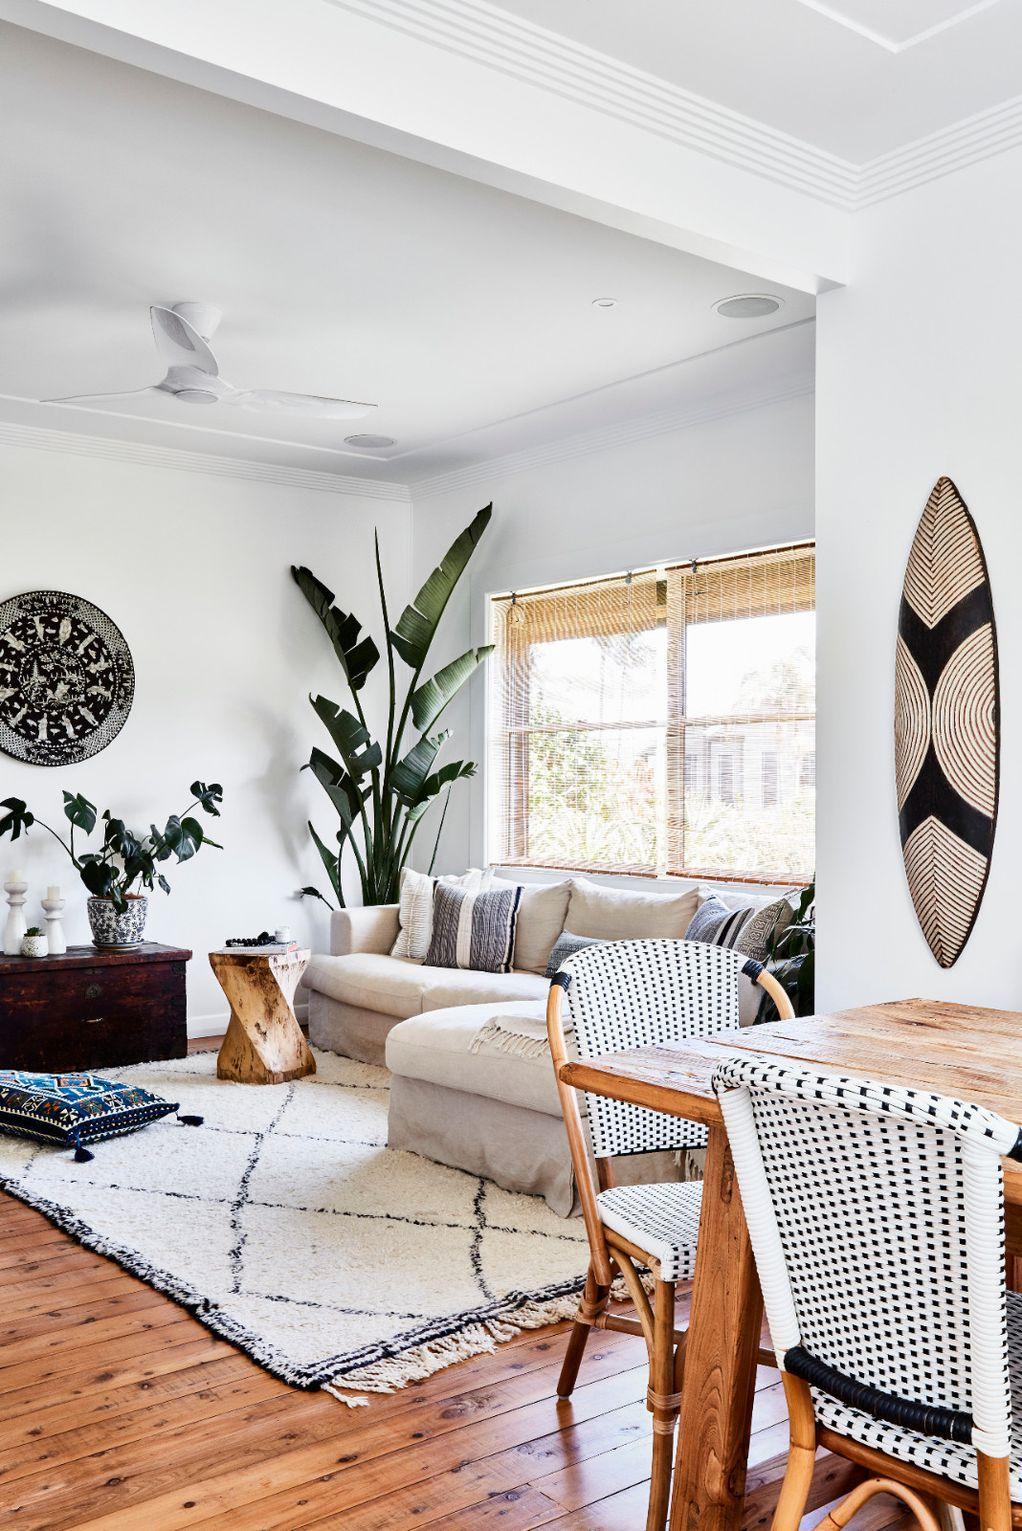 15 фотографии што докажуваат дека тепихот може да разубави домот и визуелно да го зголеми